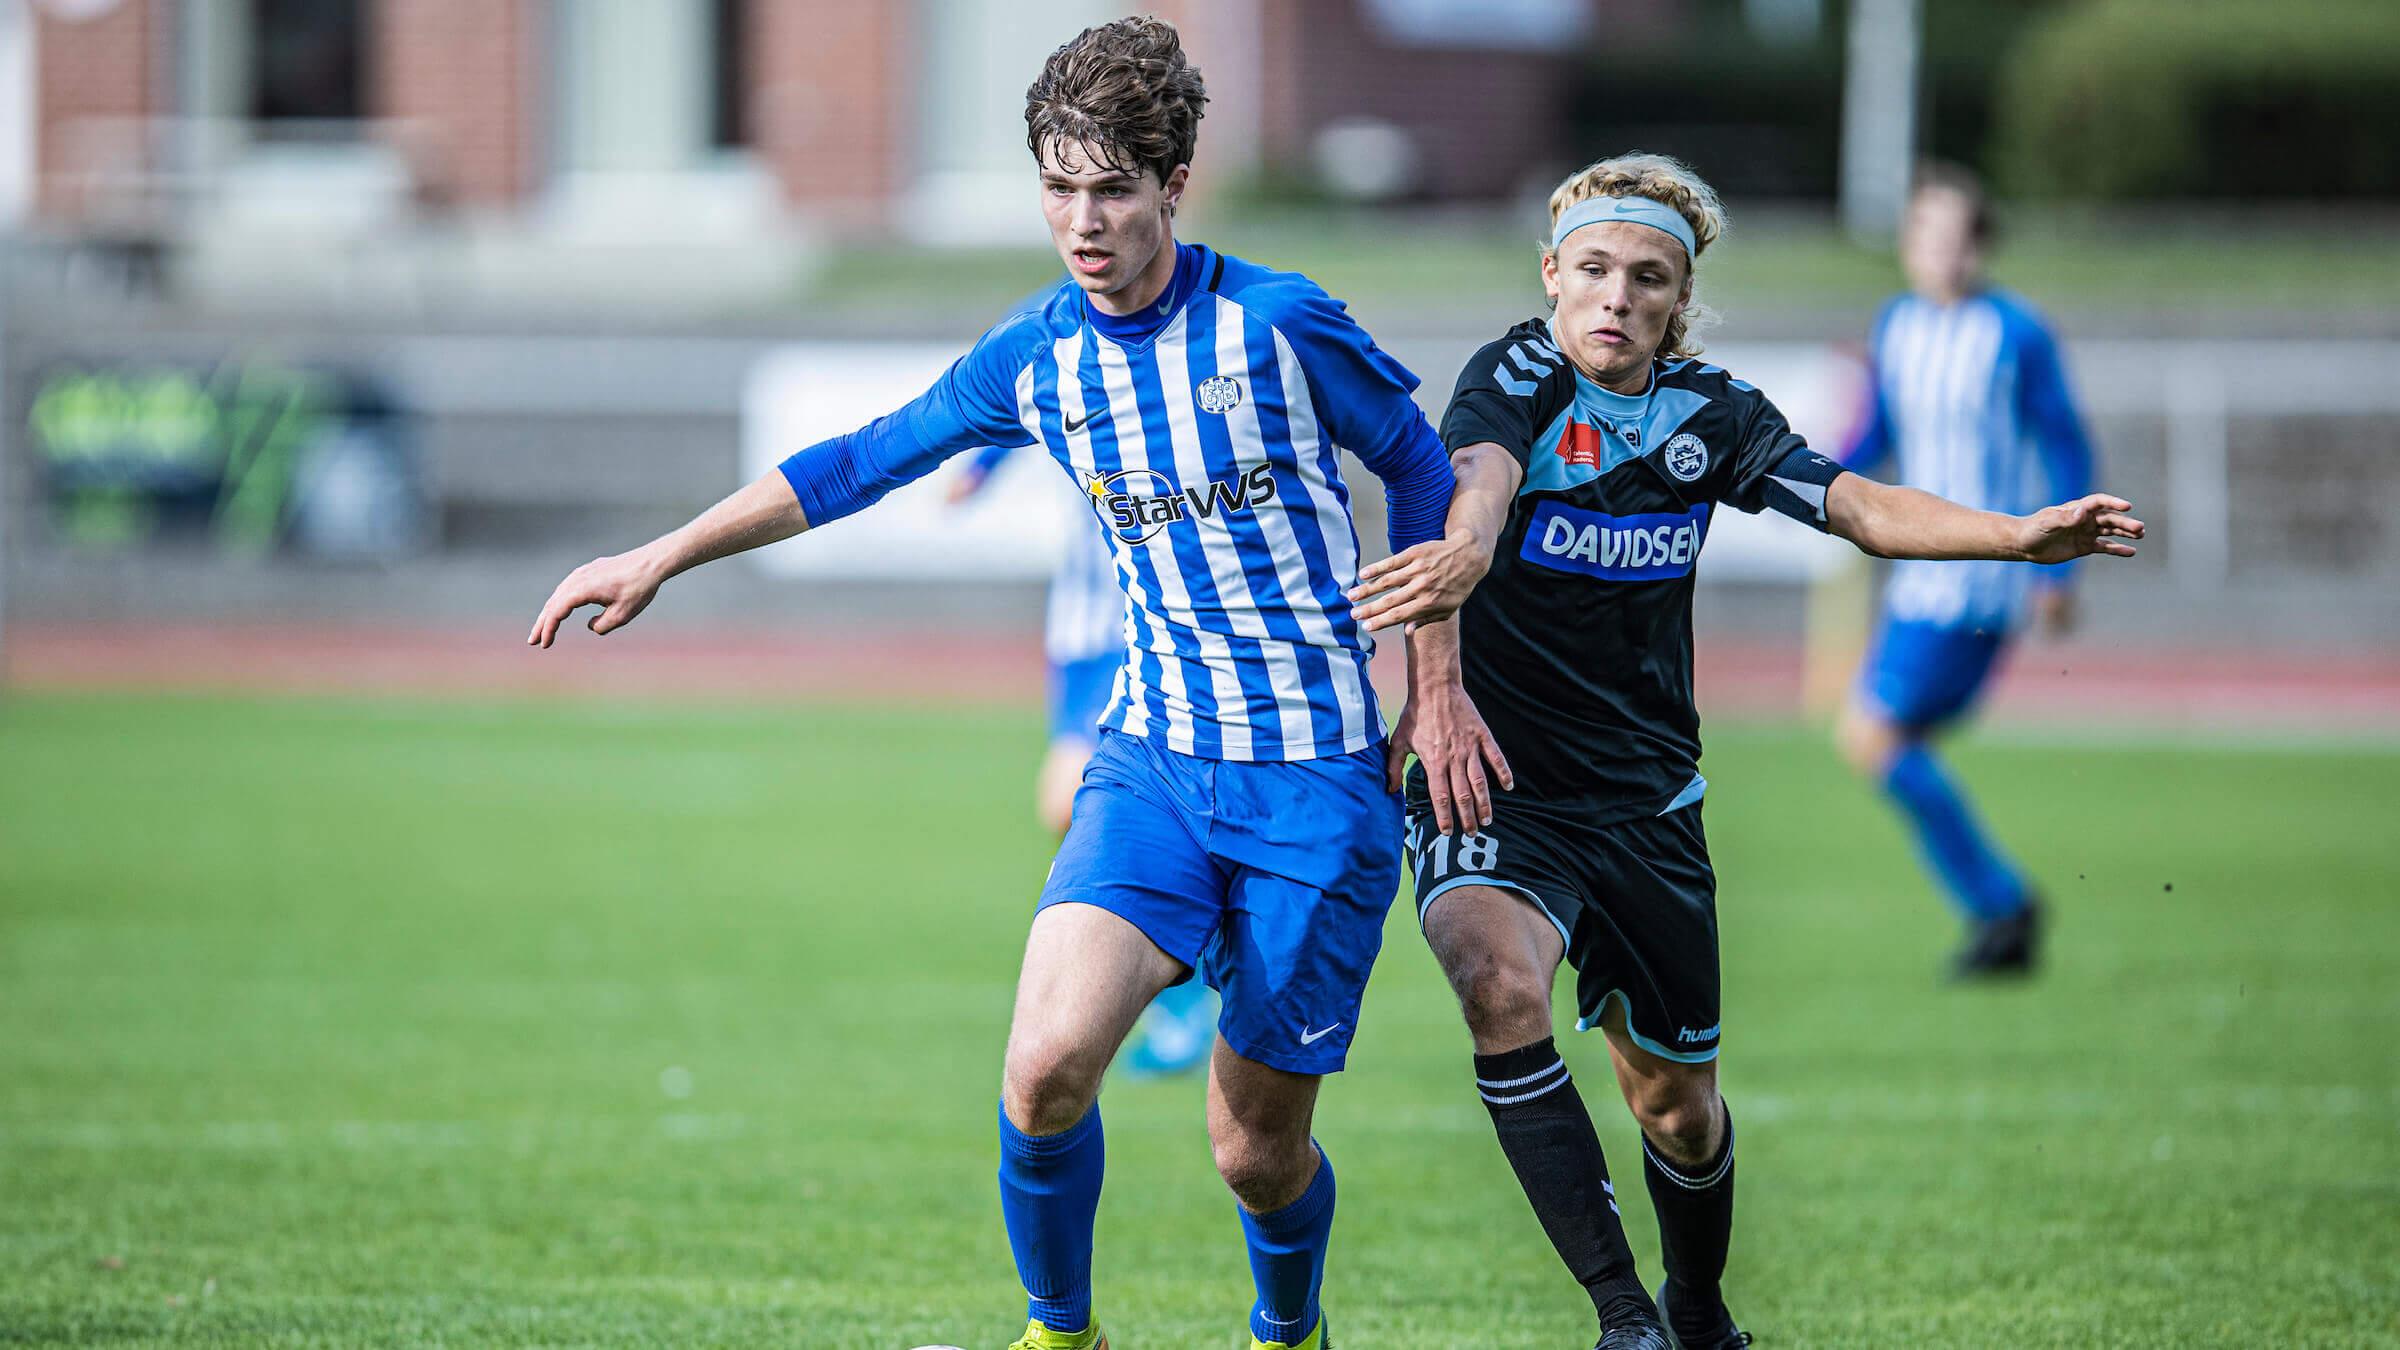 U17-holdets gode stime sluttede mod Horsens